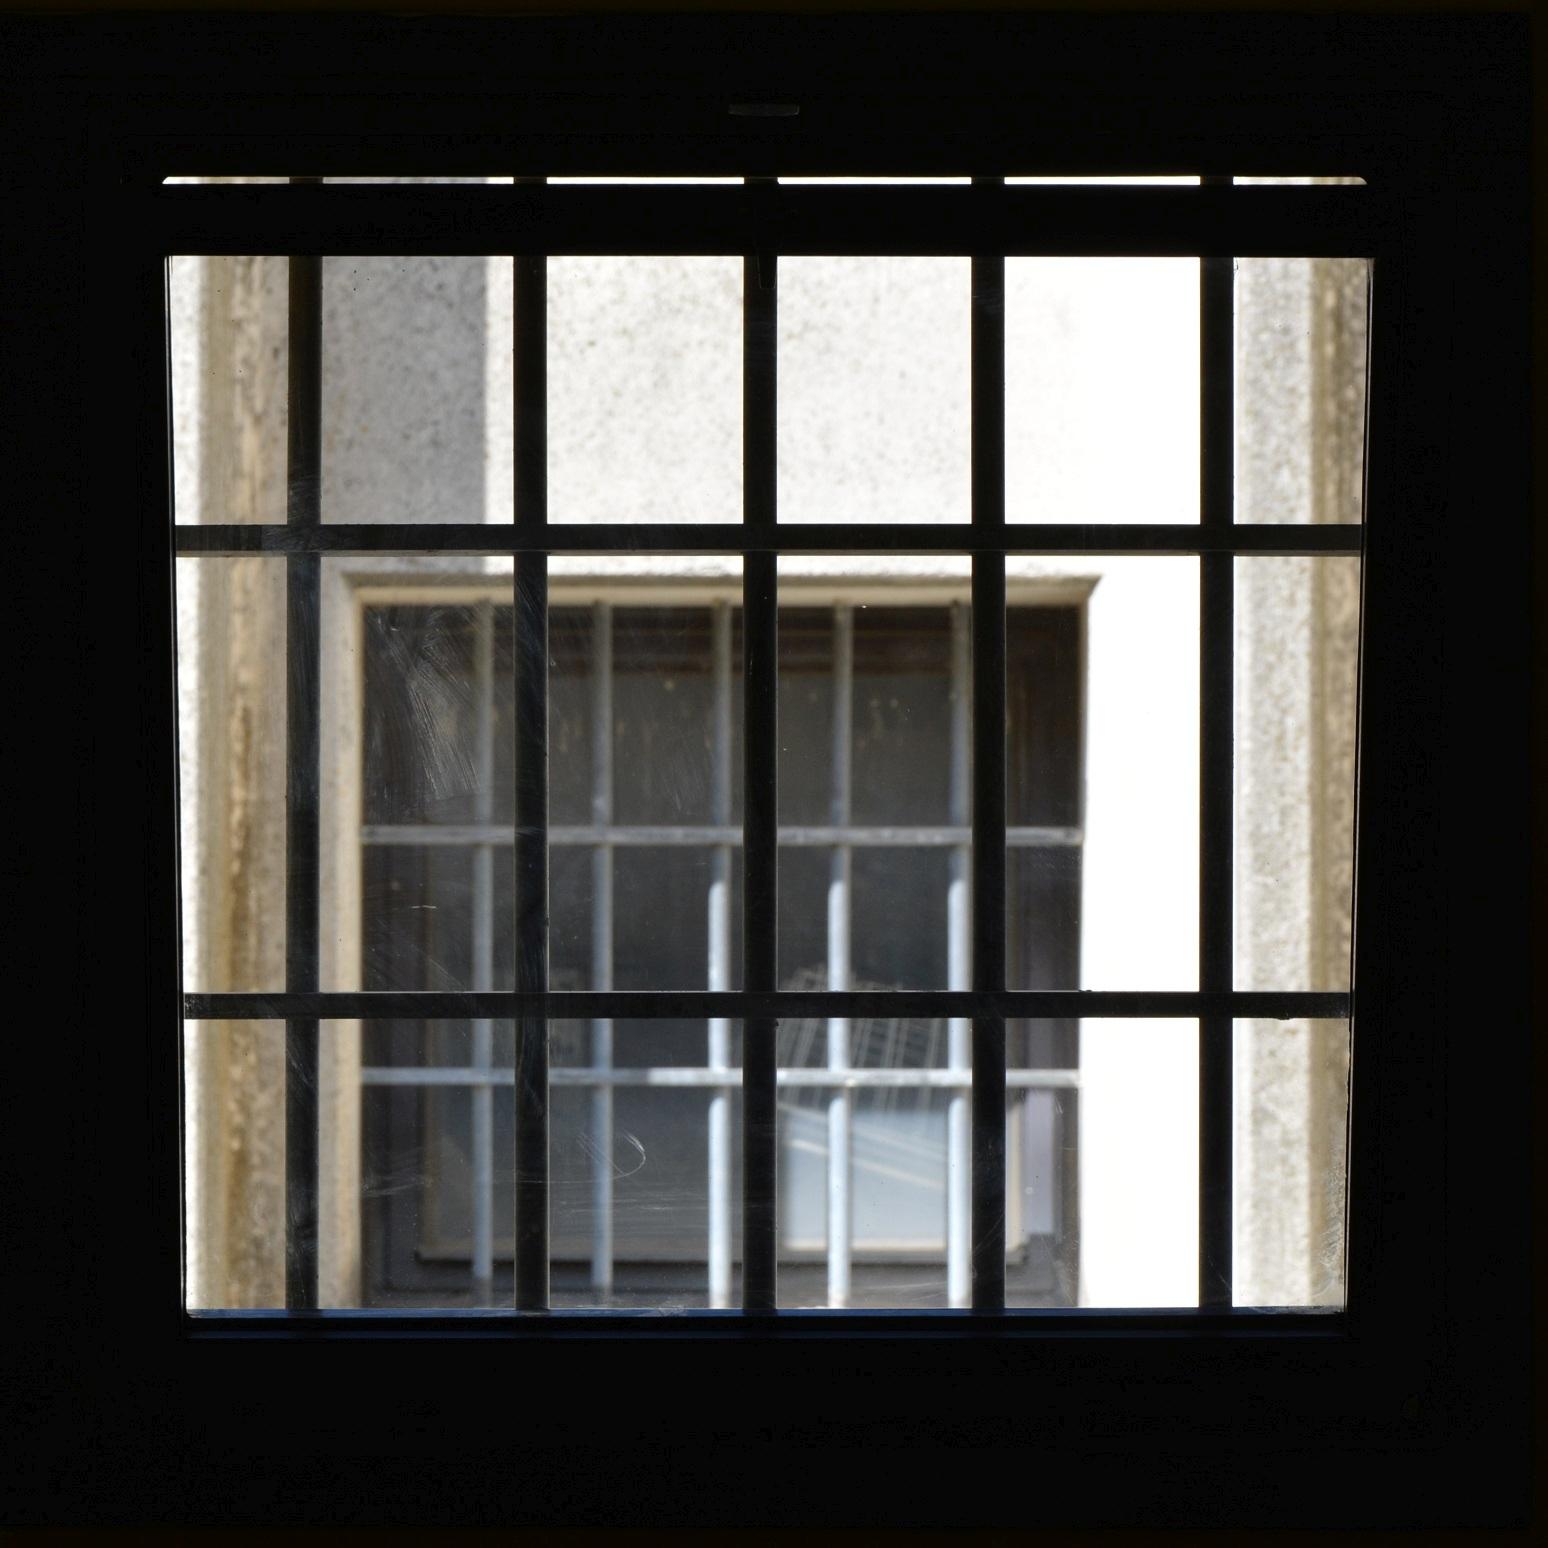 Conversazioni dalla finestra per conoscere le iniziative del carcere - Ristorante la finestra padova ...